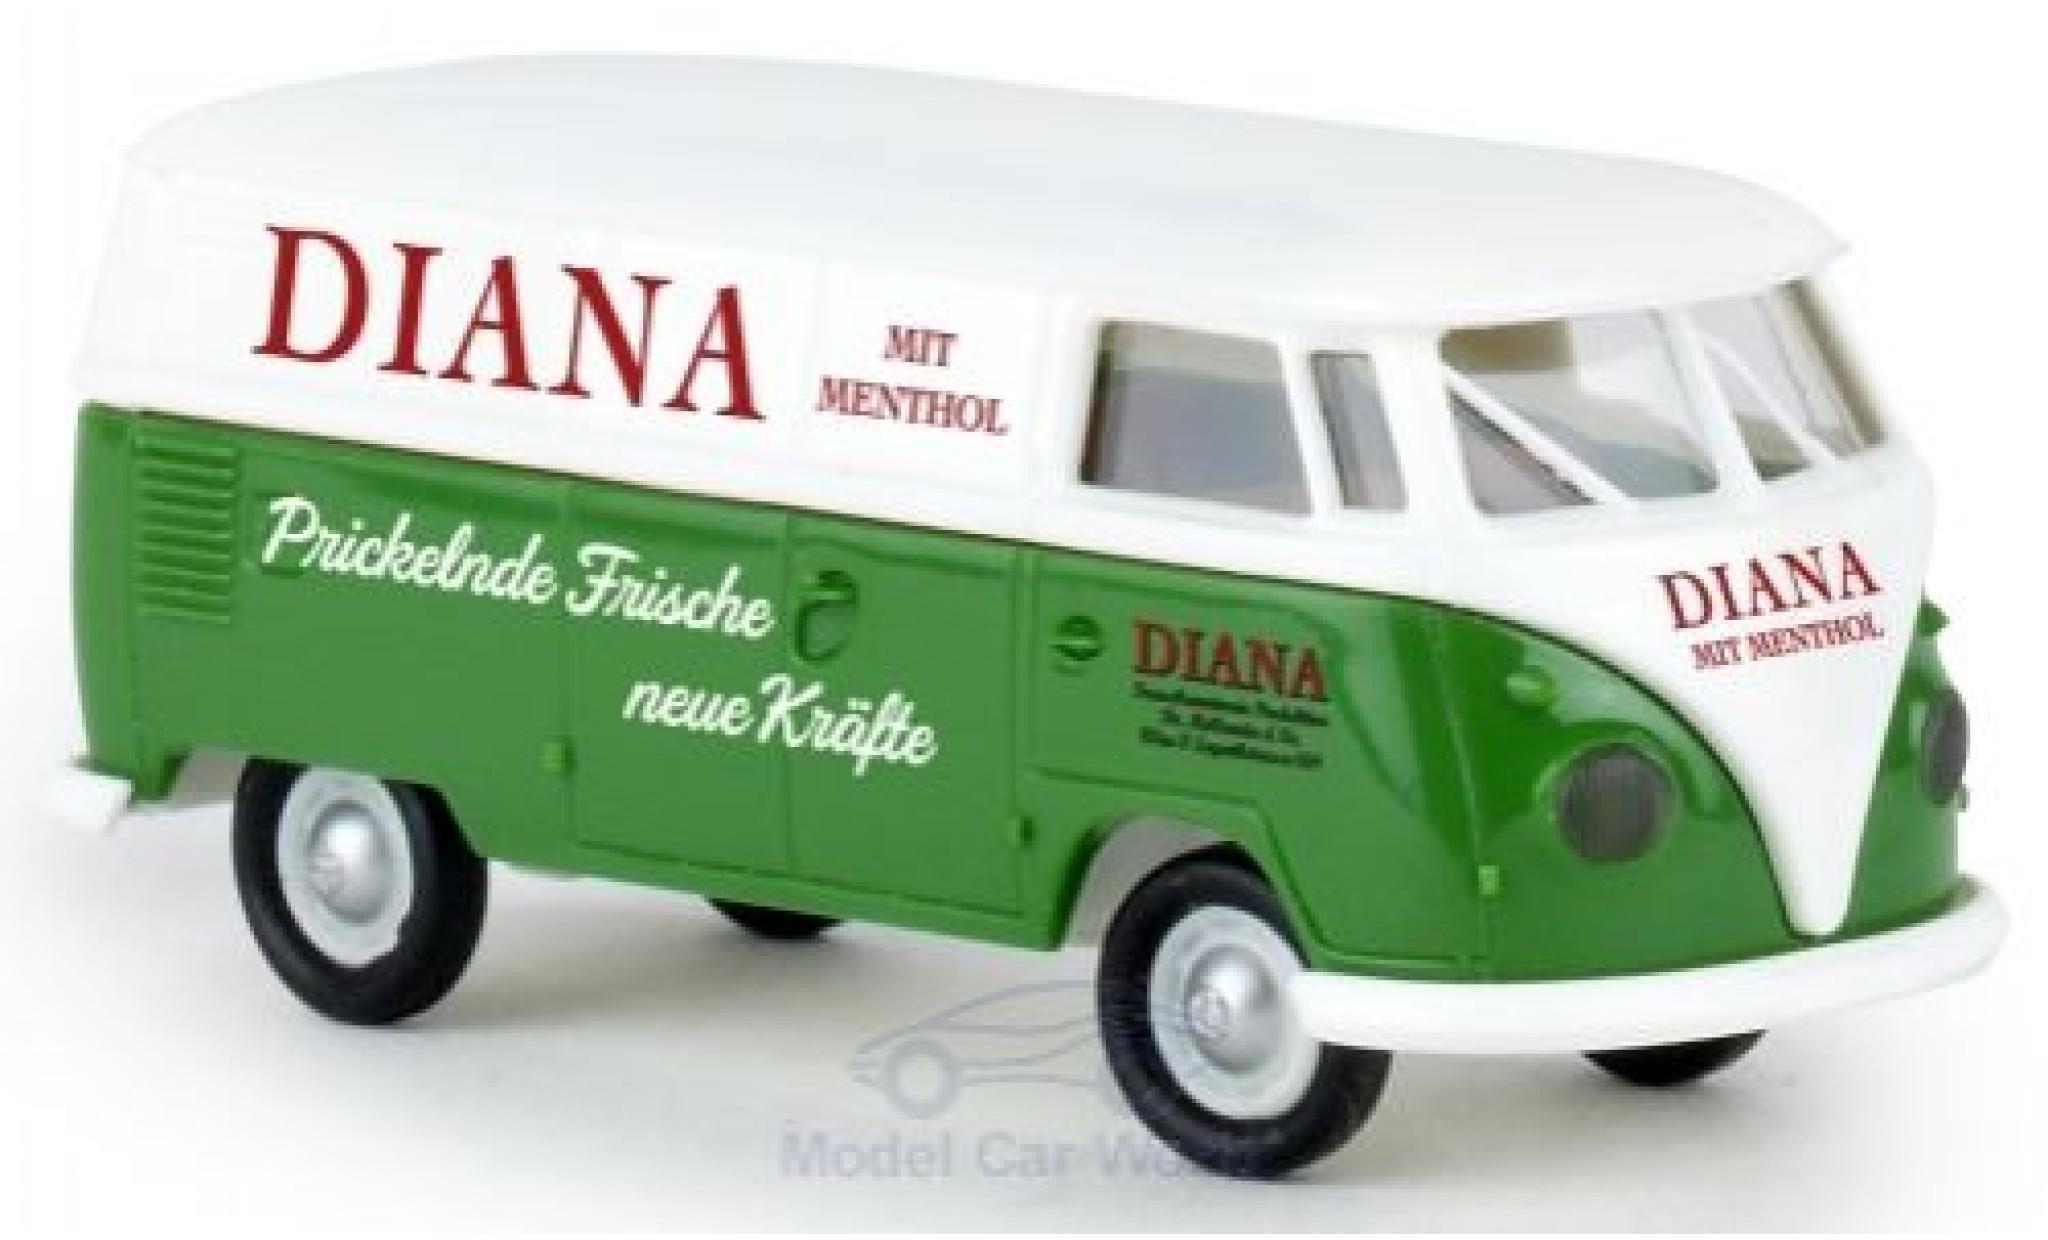 Volkswagen T1 B 1/87 Brekina b Kasten Diana Franzbranntwein